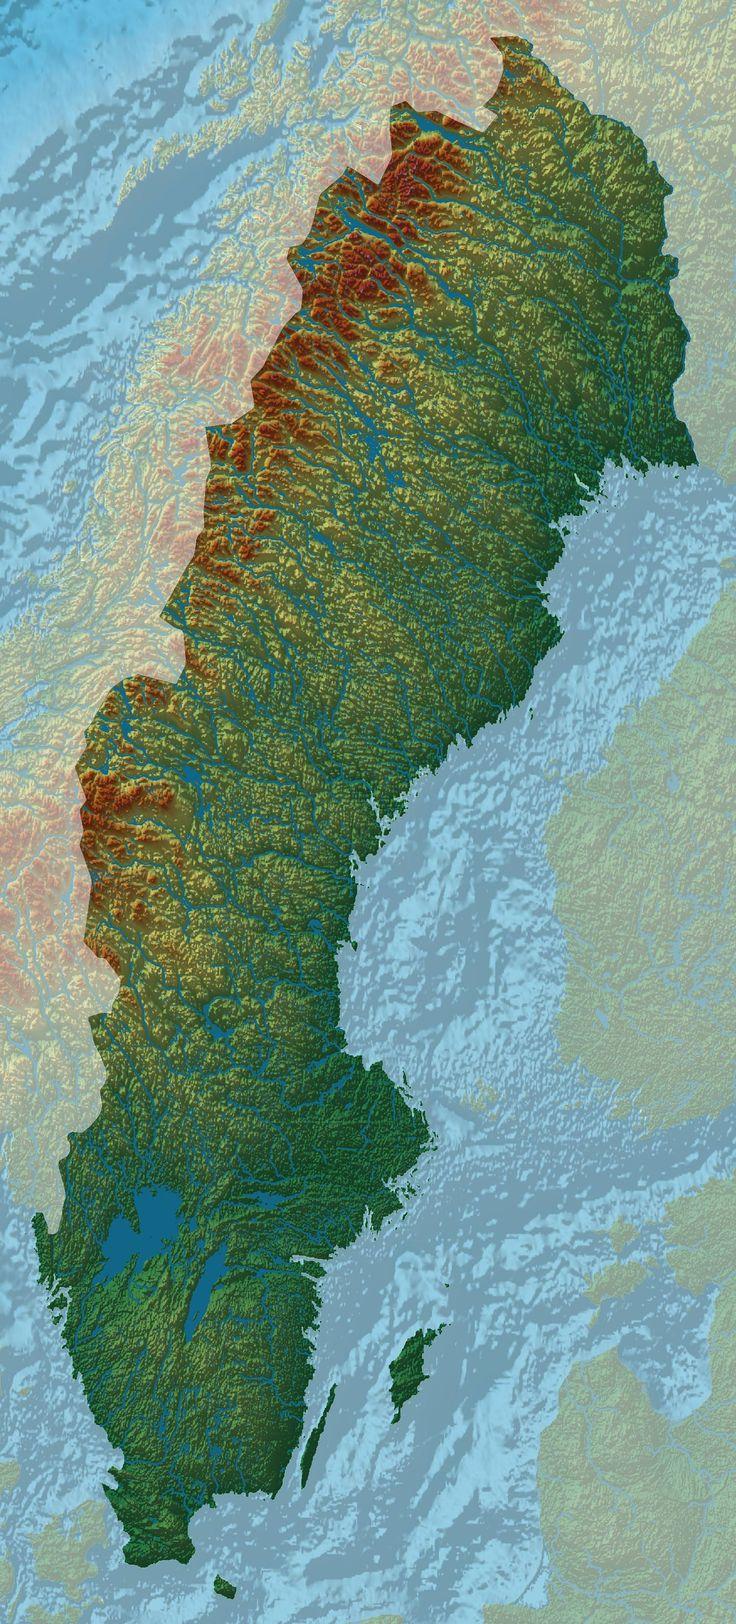 Sweden relief map 200 best Norway u0026